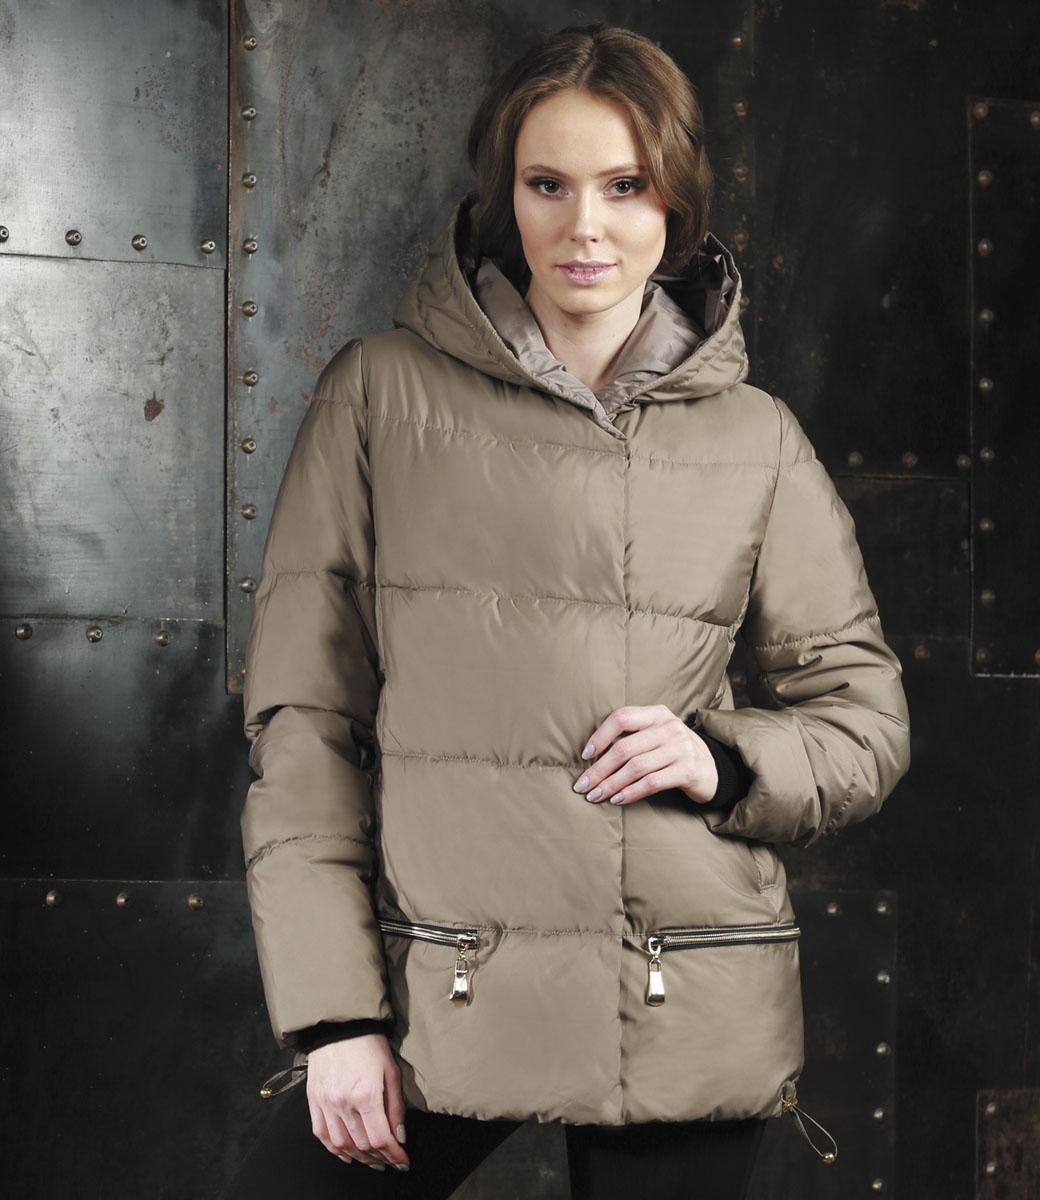 Куртка женская Grishko, цвет: темно-бежевый. AL-2965/1. Размер XL (50)AL-2965/1Стильная женская куртка Grishko изготовлена из полиамида. В качестве утеплителя используется полиэфирное волокно. Куртка с несъемным капюшоном, оформленным съемным натуральным мехом енота, застегивается на застежку-молнию и на ветрозащитный клапан с кнопками. Спереди расположены два прорезных кармана на кнопках. Нижняя часть модели регулируется с помощью шнурка со стопперами.